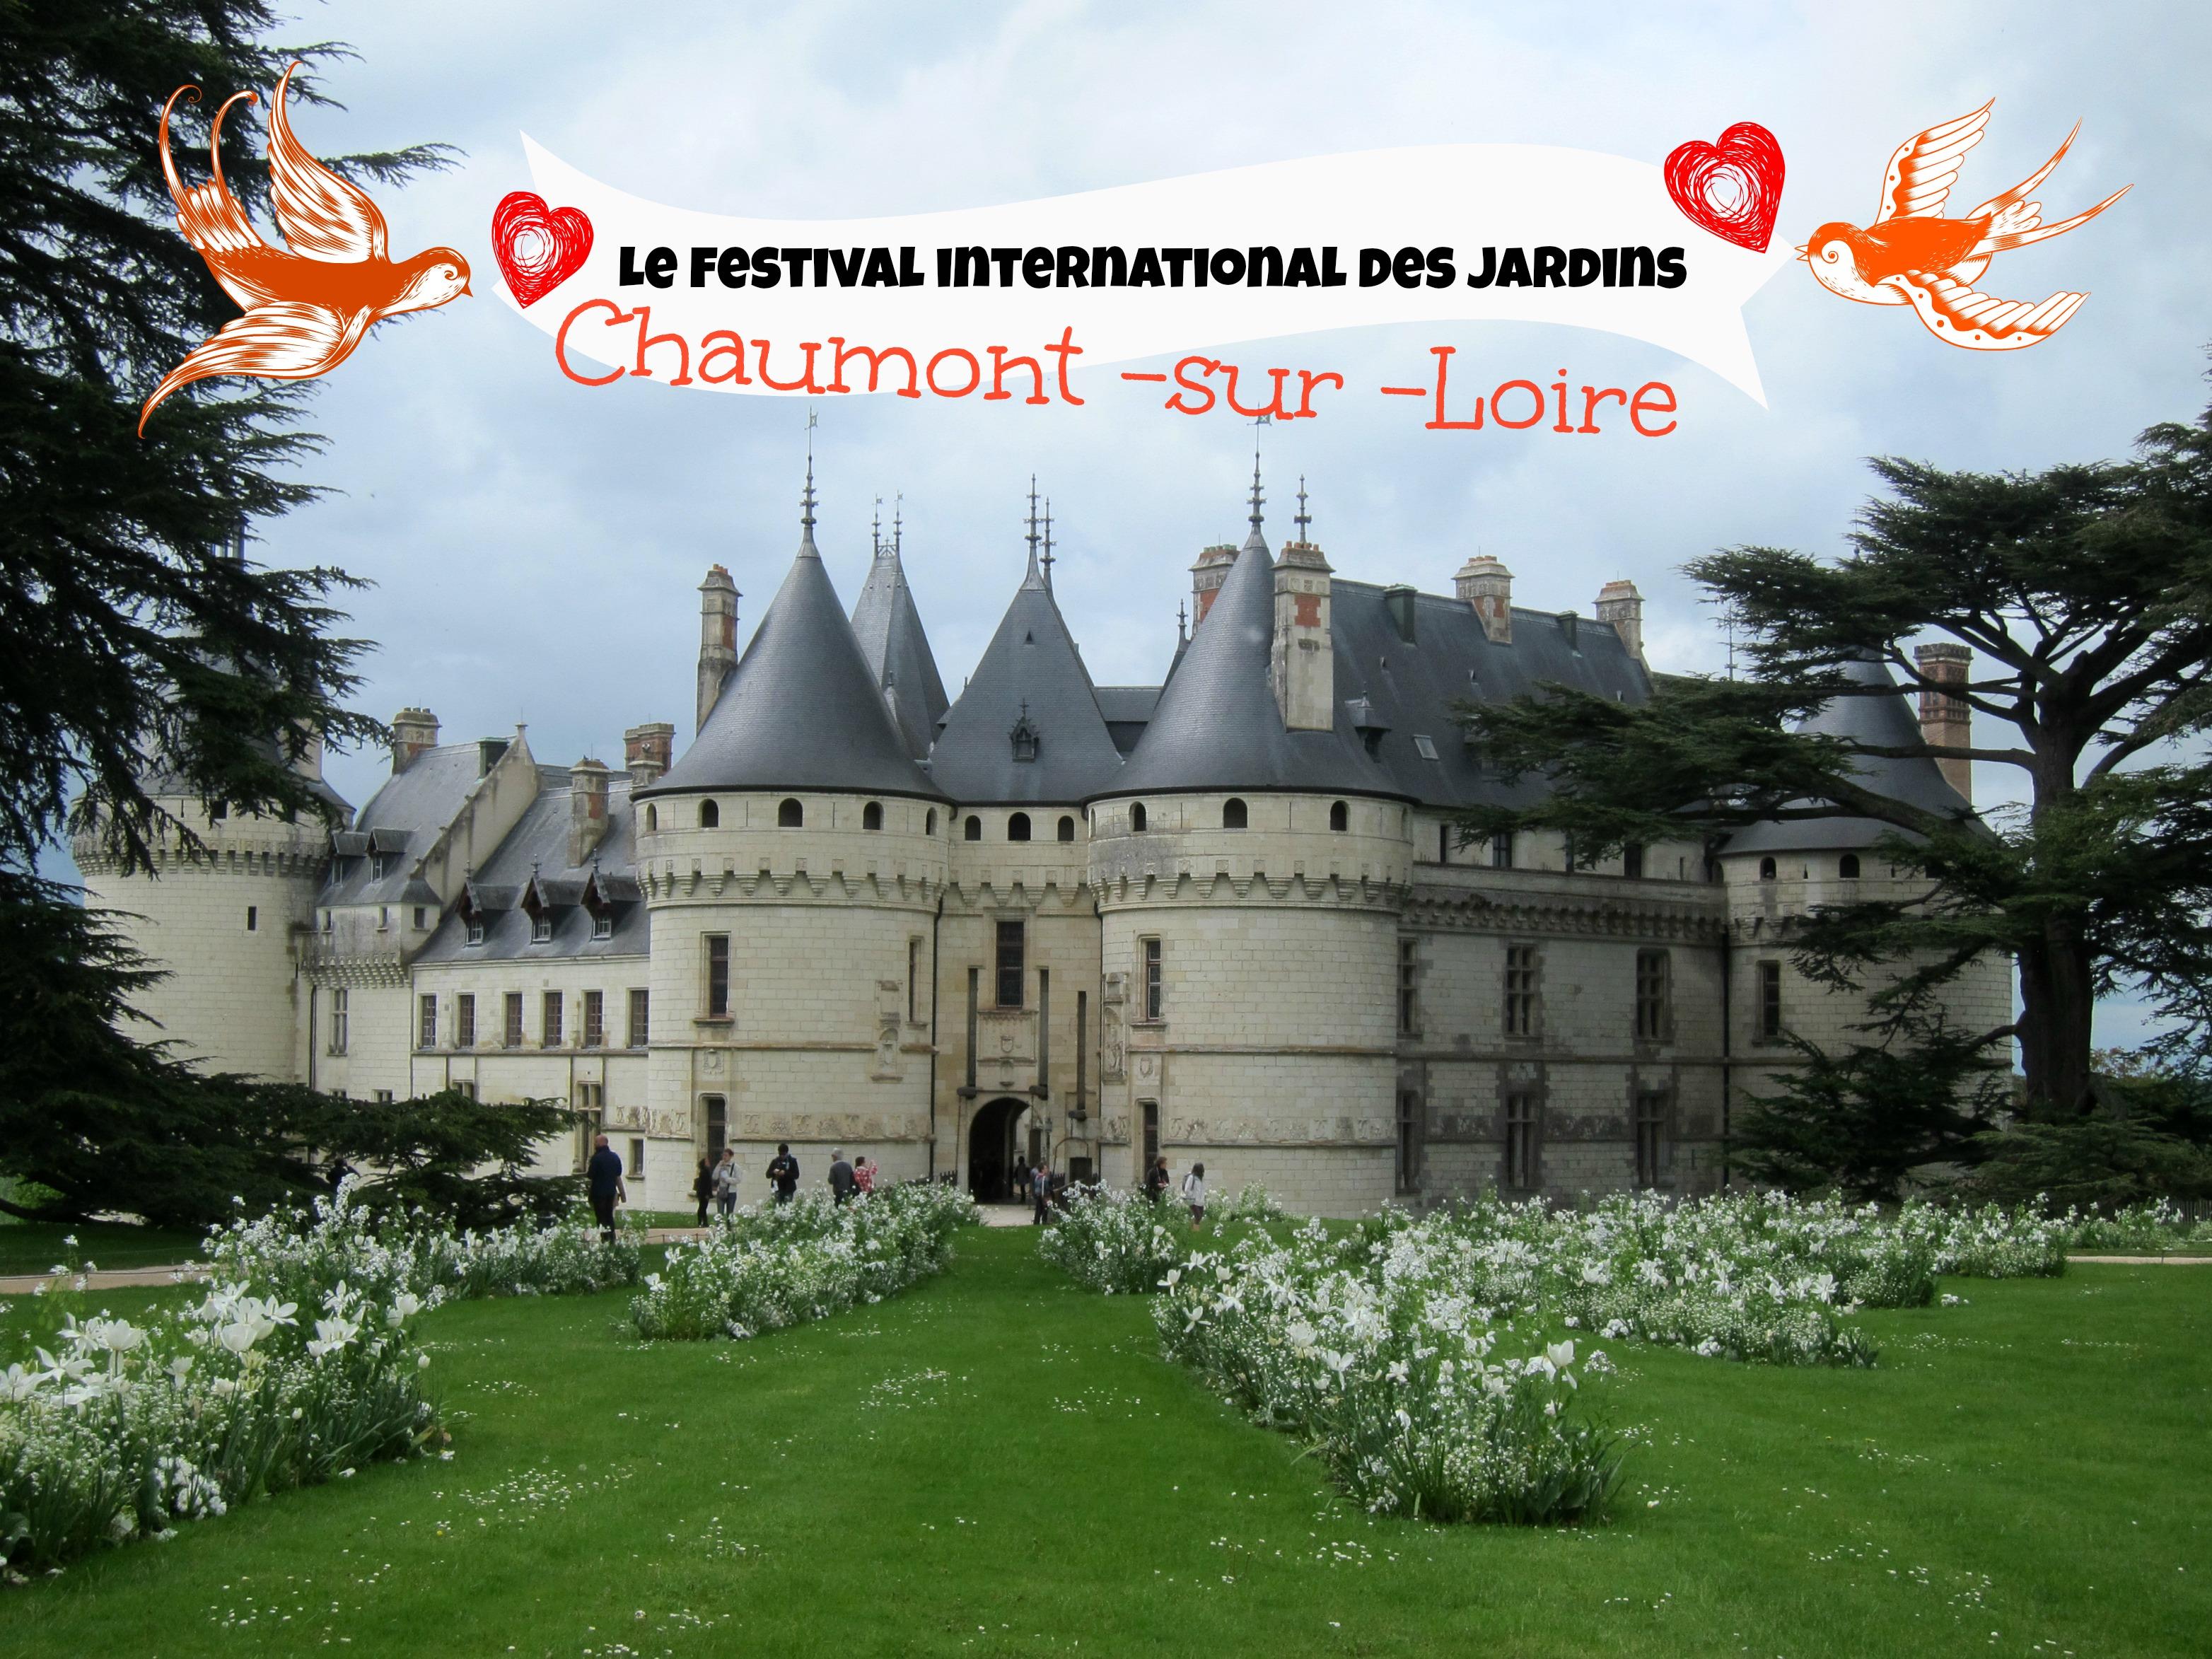 Le festival international des jardins de chaumont sur - Jardins chaumont sur loire ...